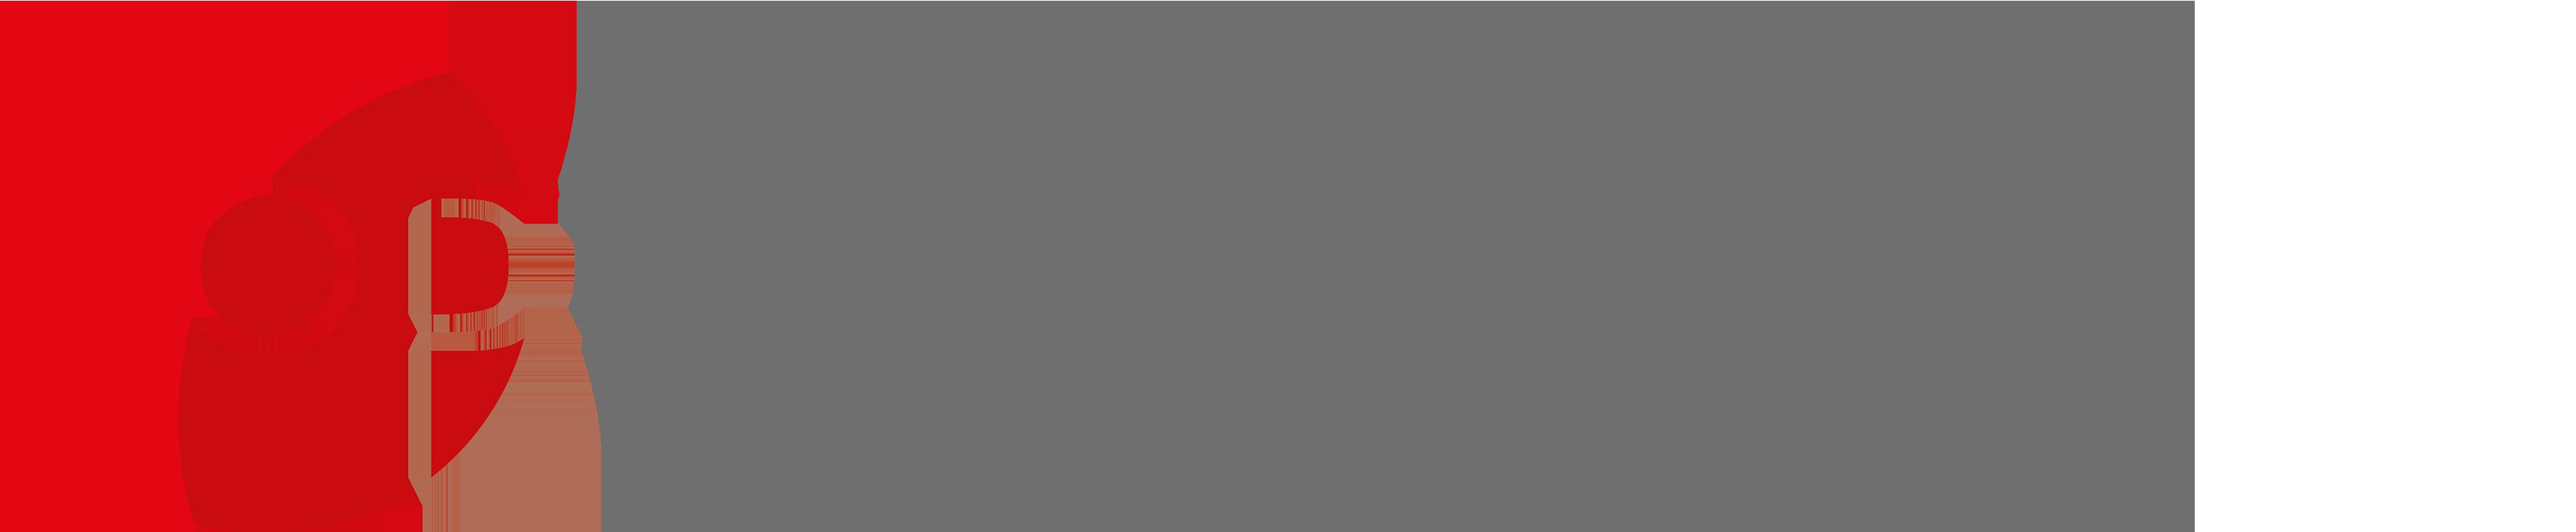 Bouwlaser.nl